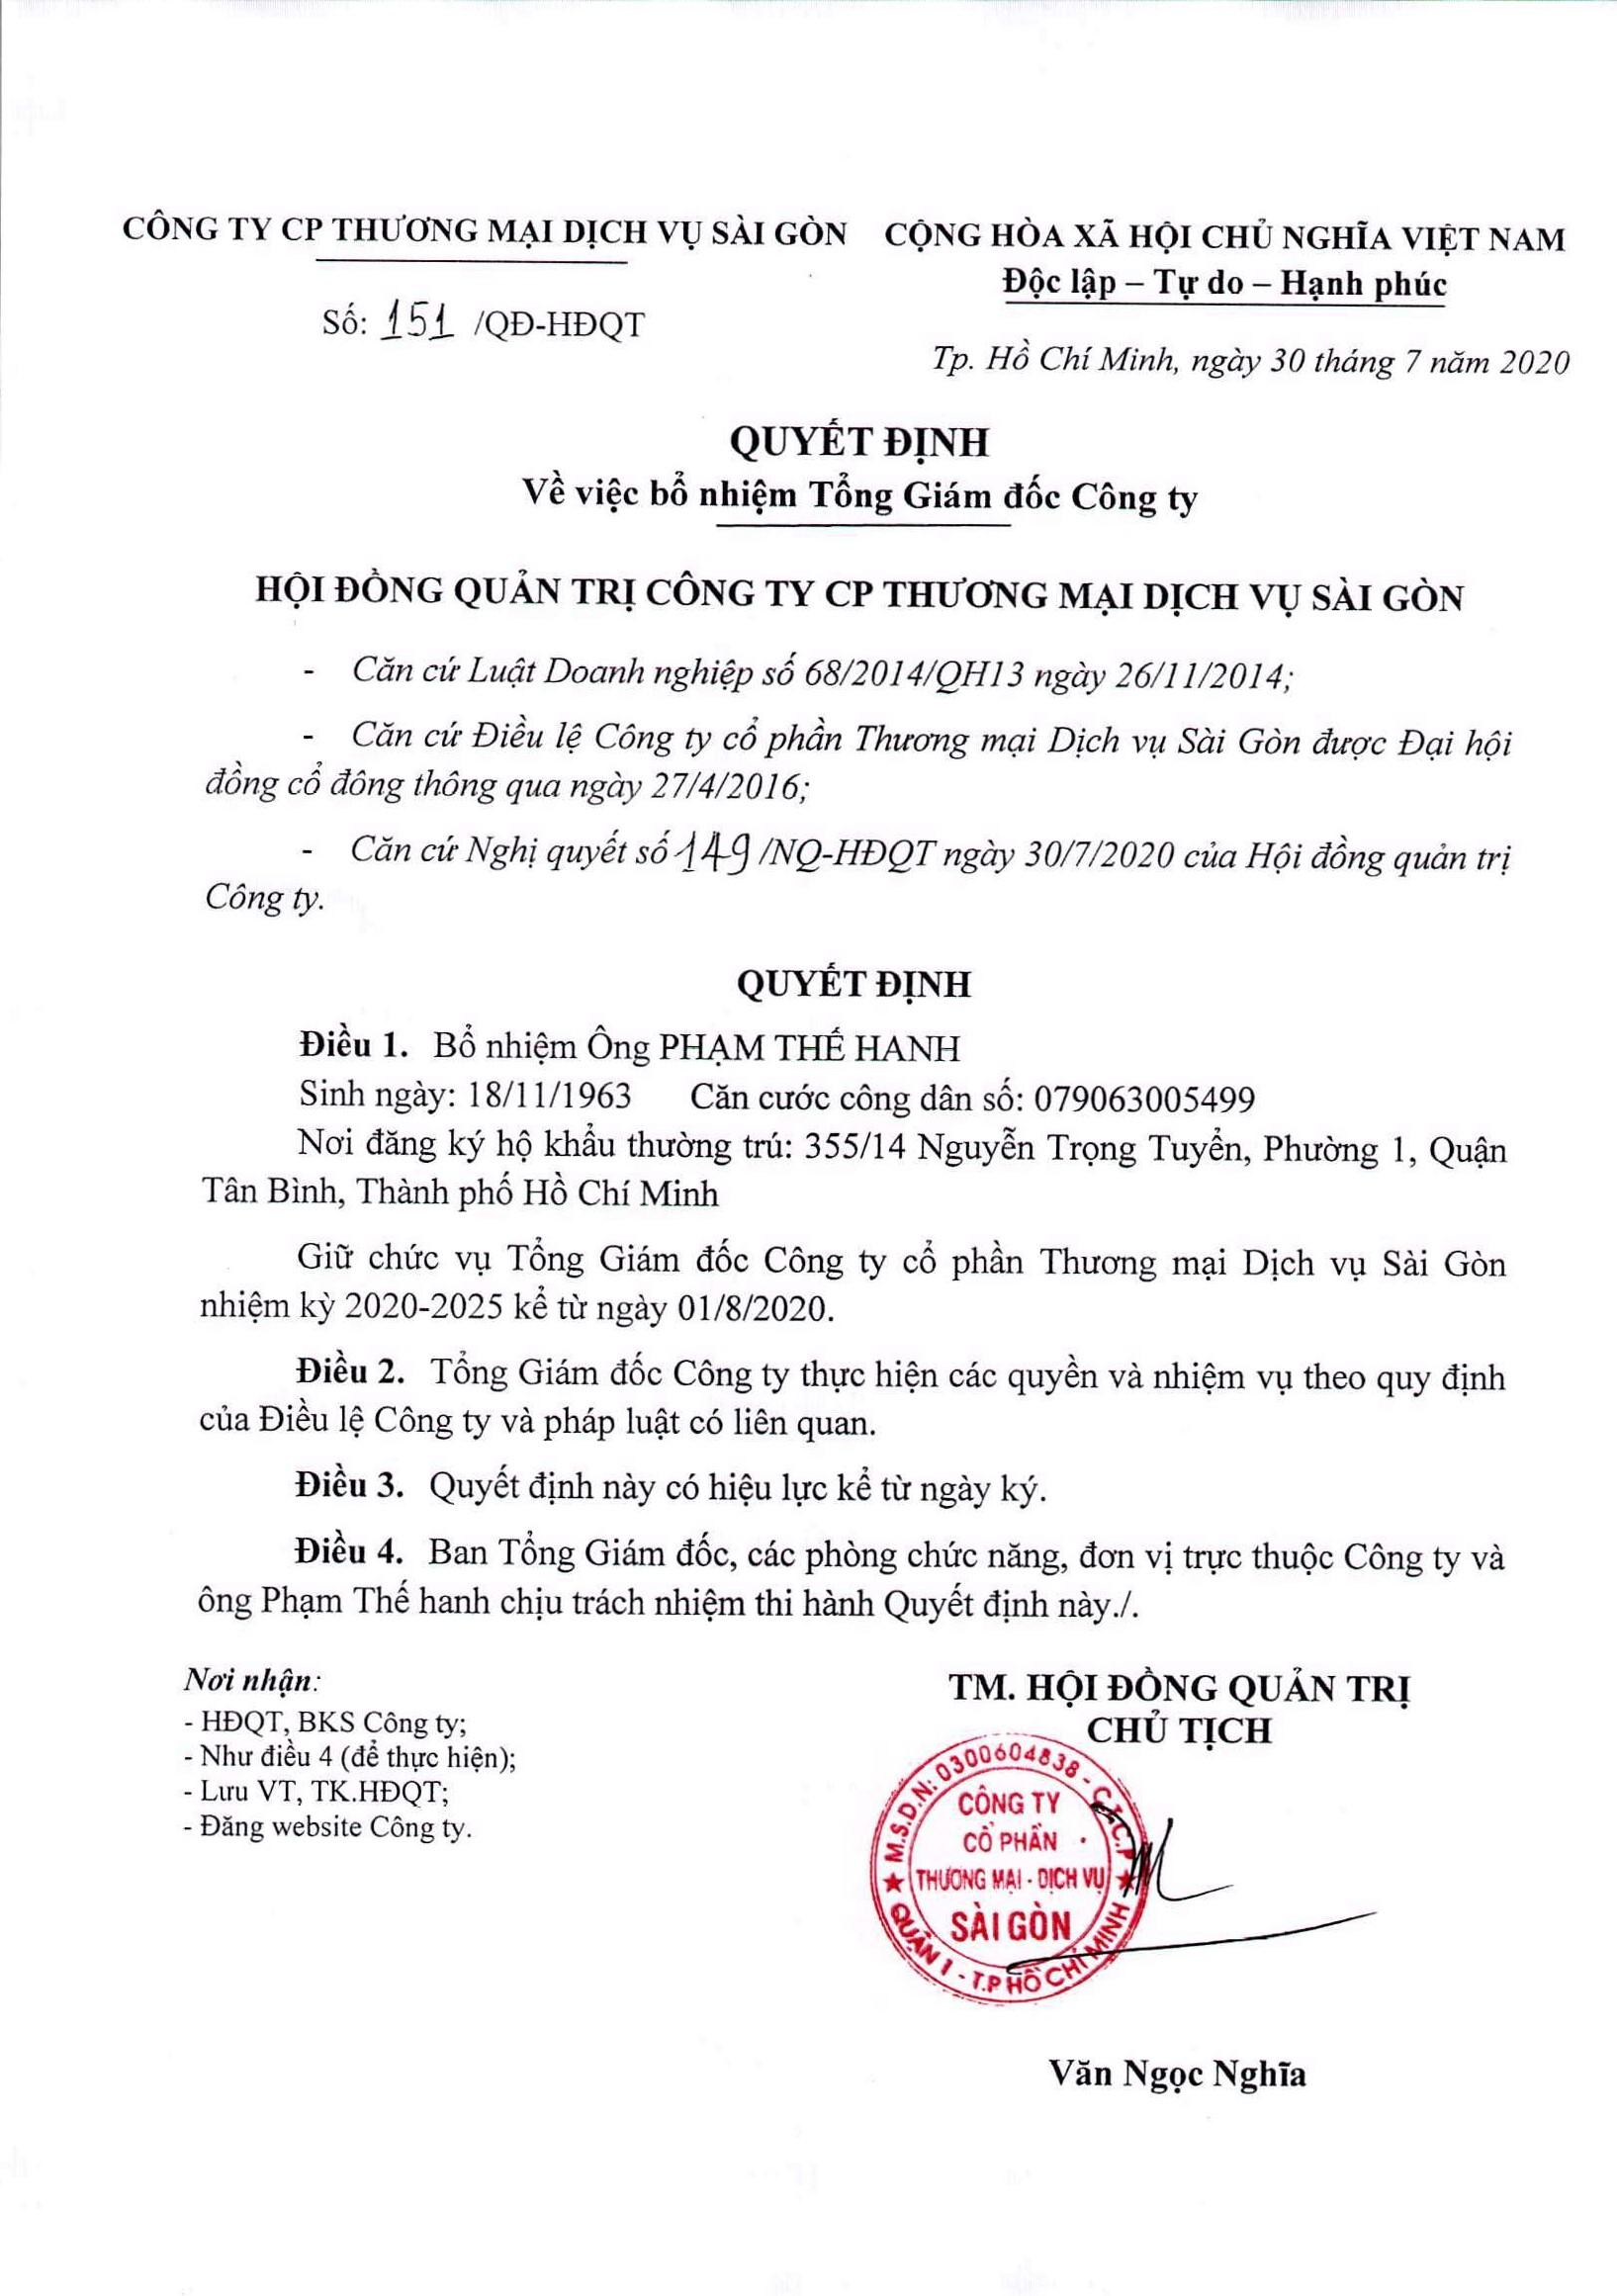 Quyết định HĐQT số 151 - QĐ-HĐQT ngày 30-7-2020 (1)